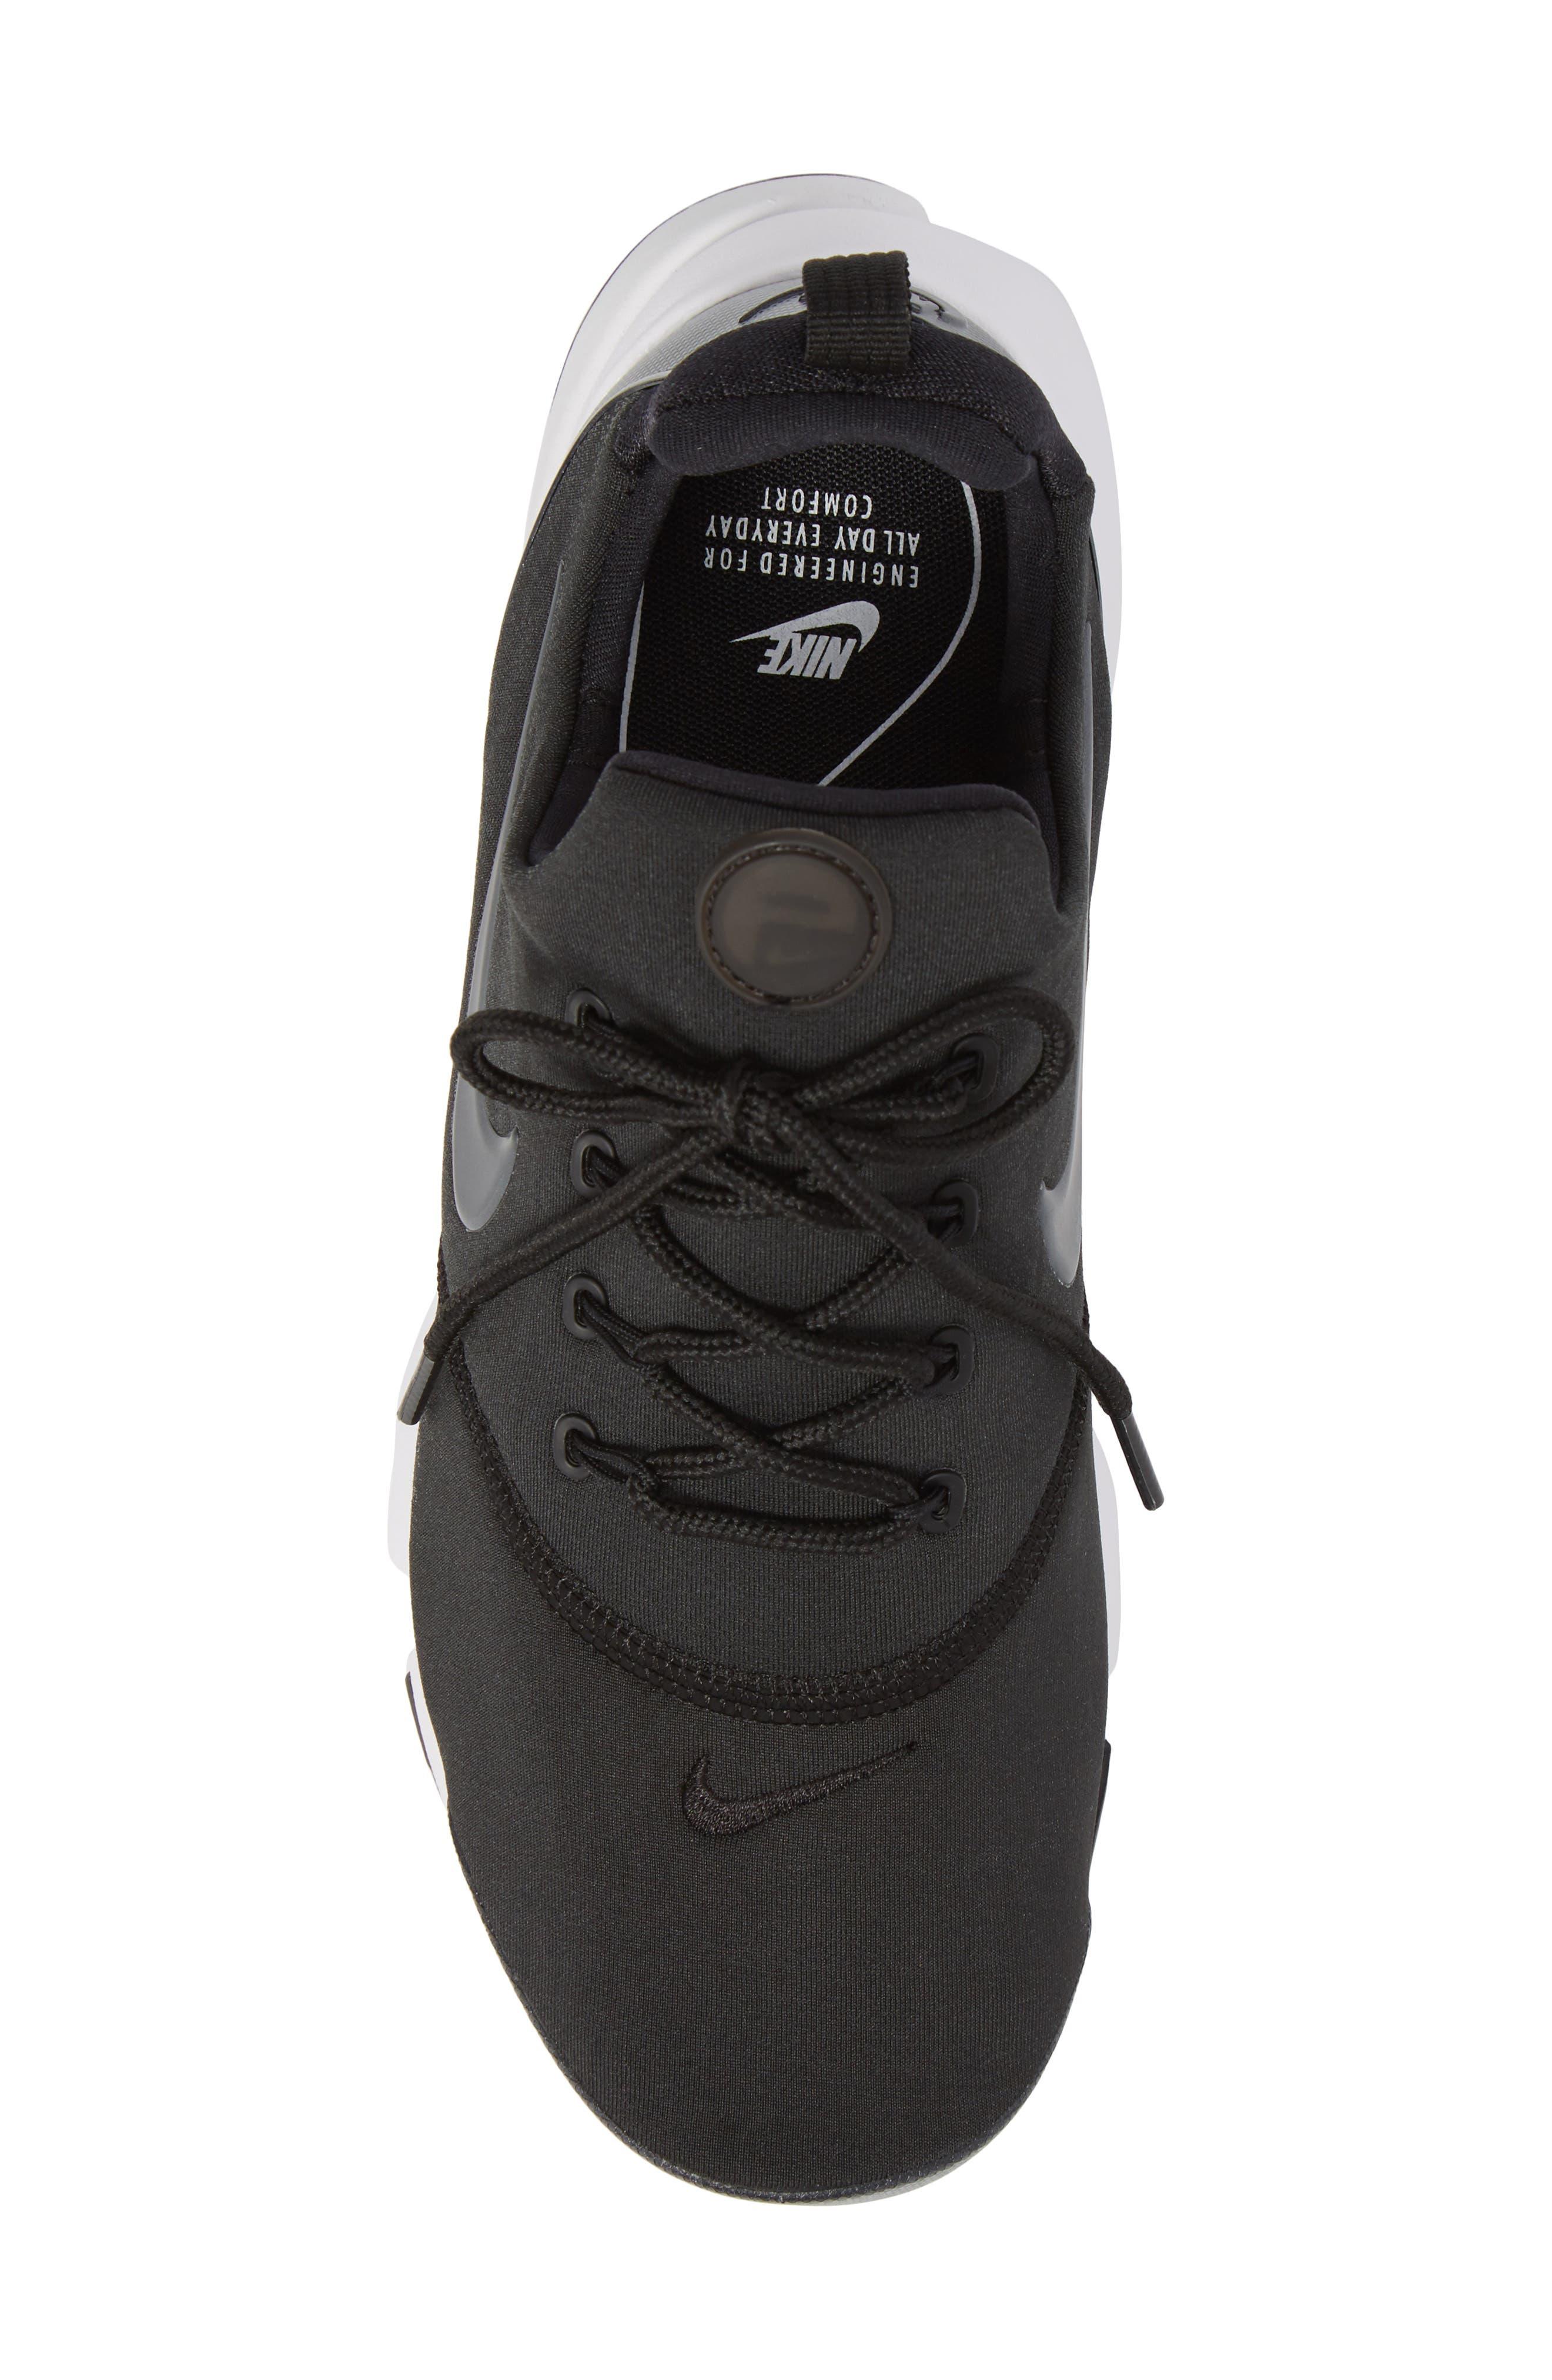 Presto Ultra SE Sneaker,                             Alternate thumbnail 4, color,                             Black/ Grey/ White